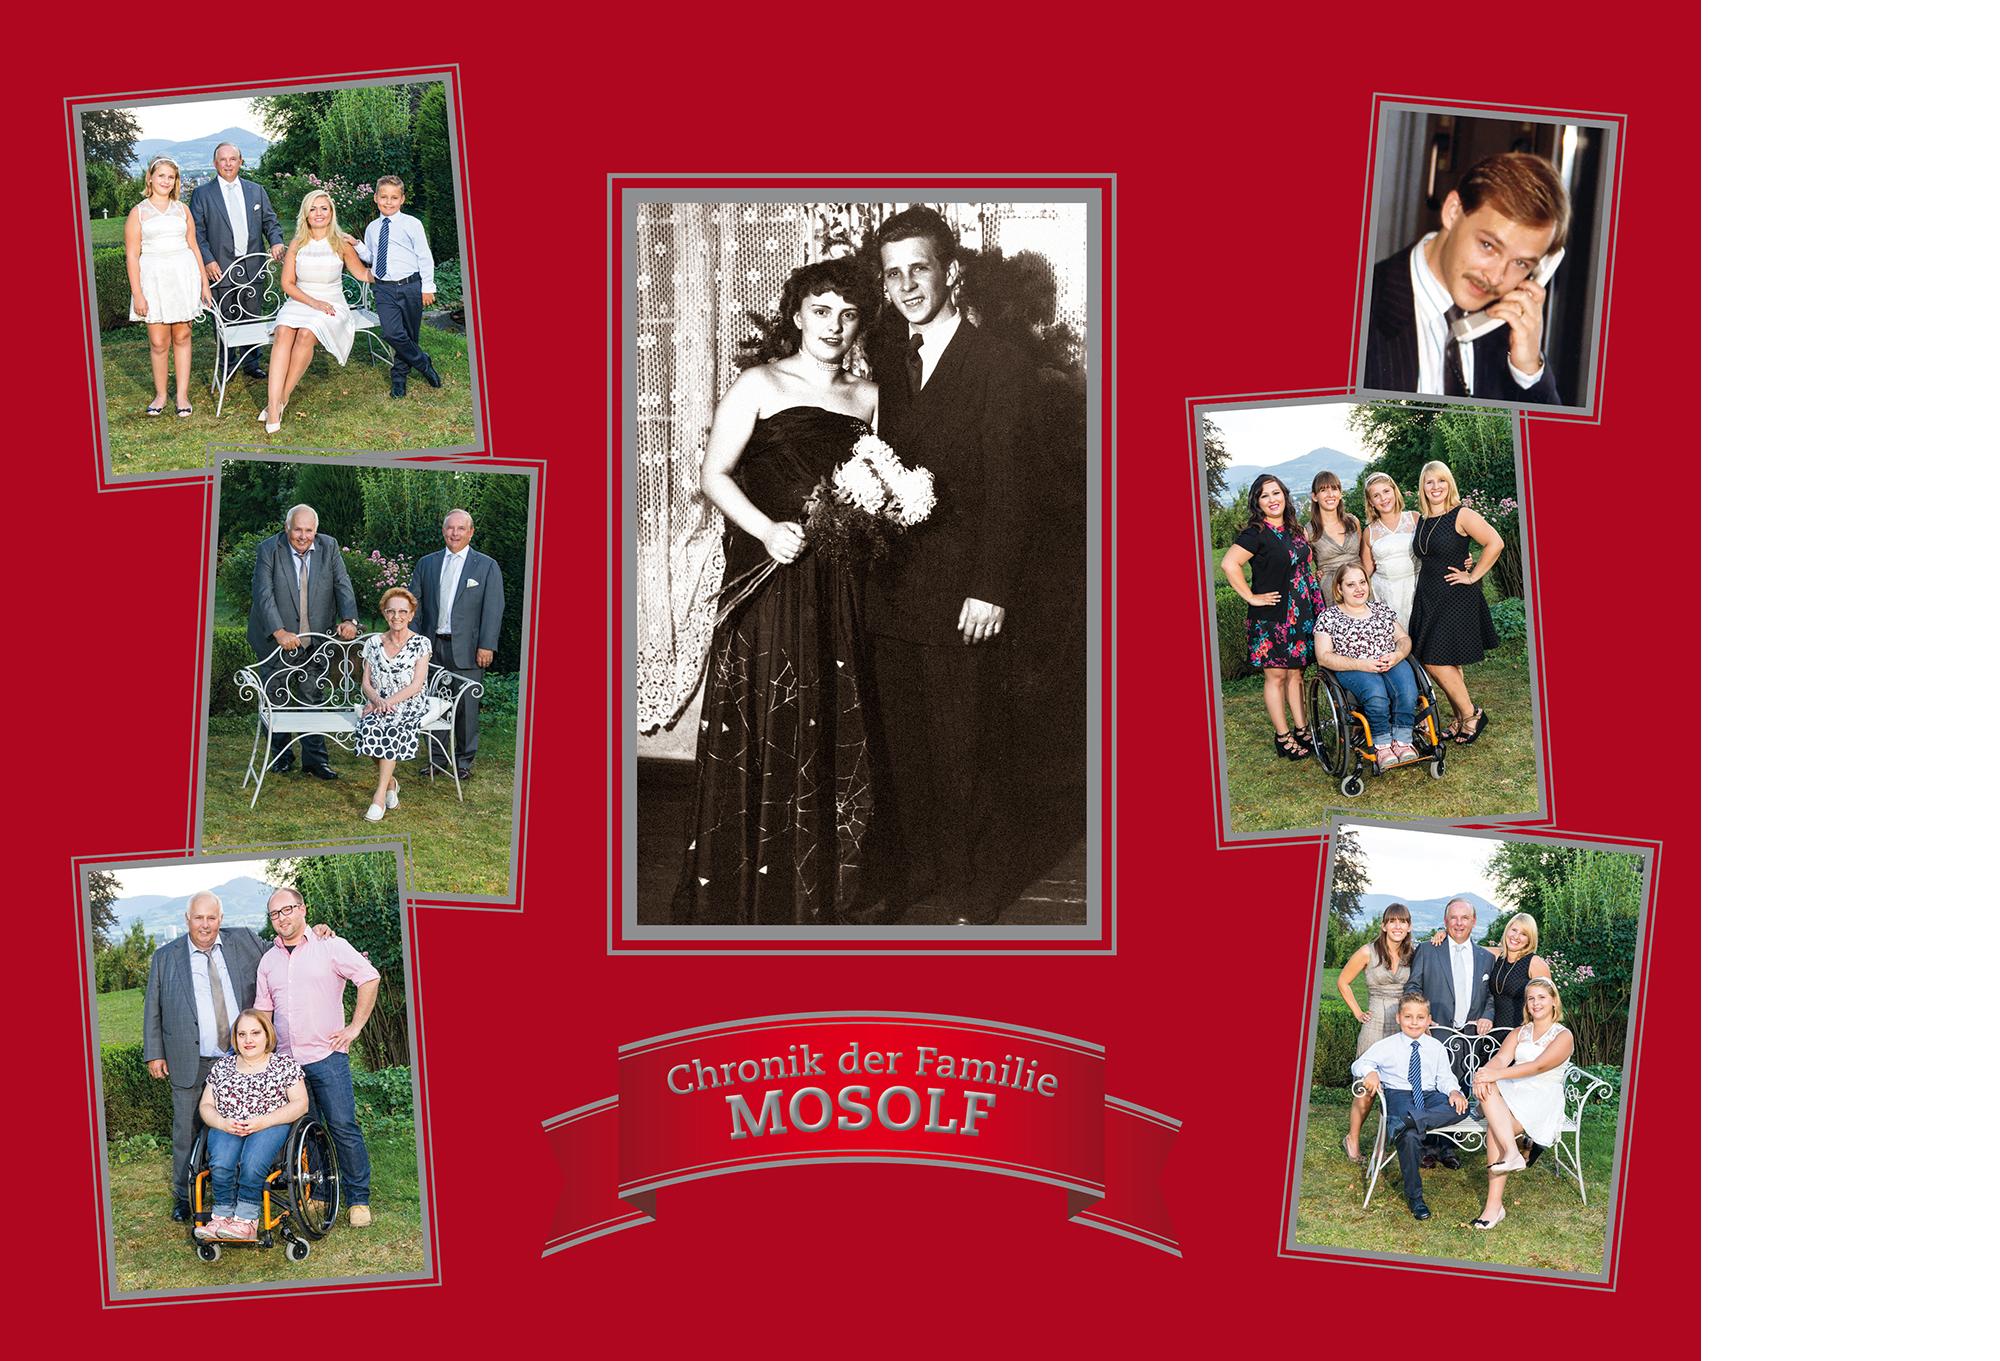 Mosolf_Cover-2.jpg